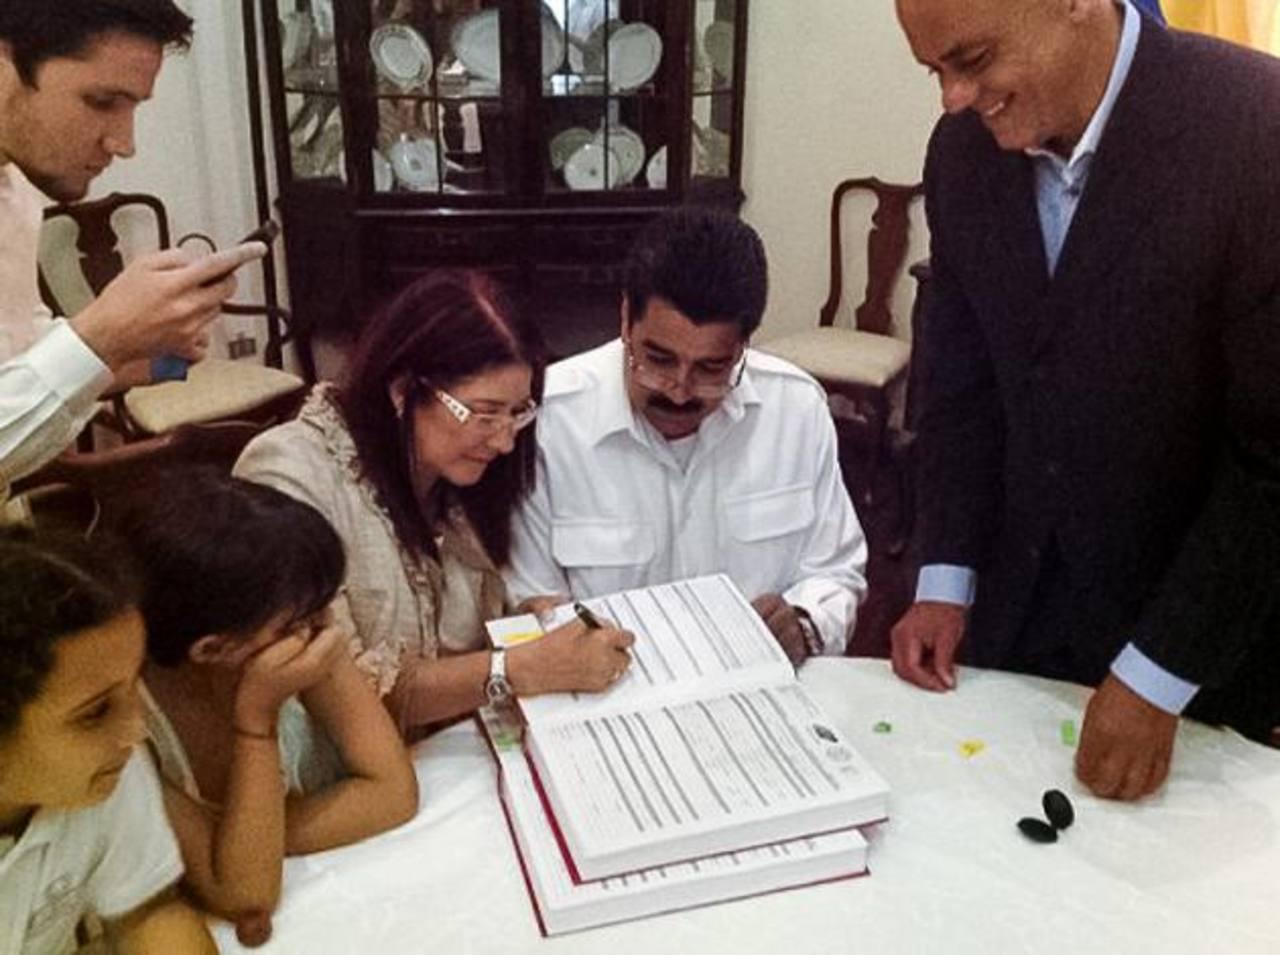 """Maduro y Flores se casaron en un matrimonio oficiado por el alcalde de Caracas, Jorge Rodríguez.Maduro detalló que la ceremonia fue un """"evento familiar"""", donde solo estuvieron presente sus hijos y nietos. FOTOS EDH / EFEVista área de la mansión donde"""